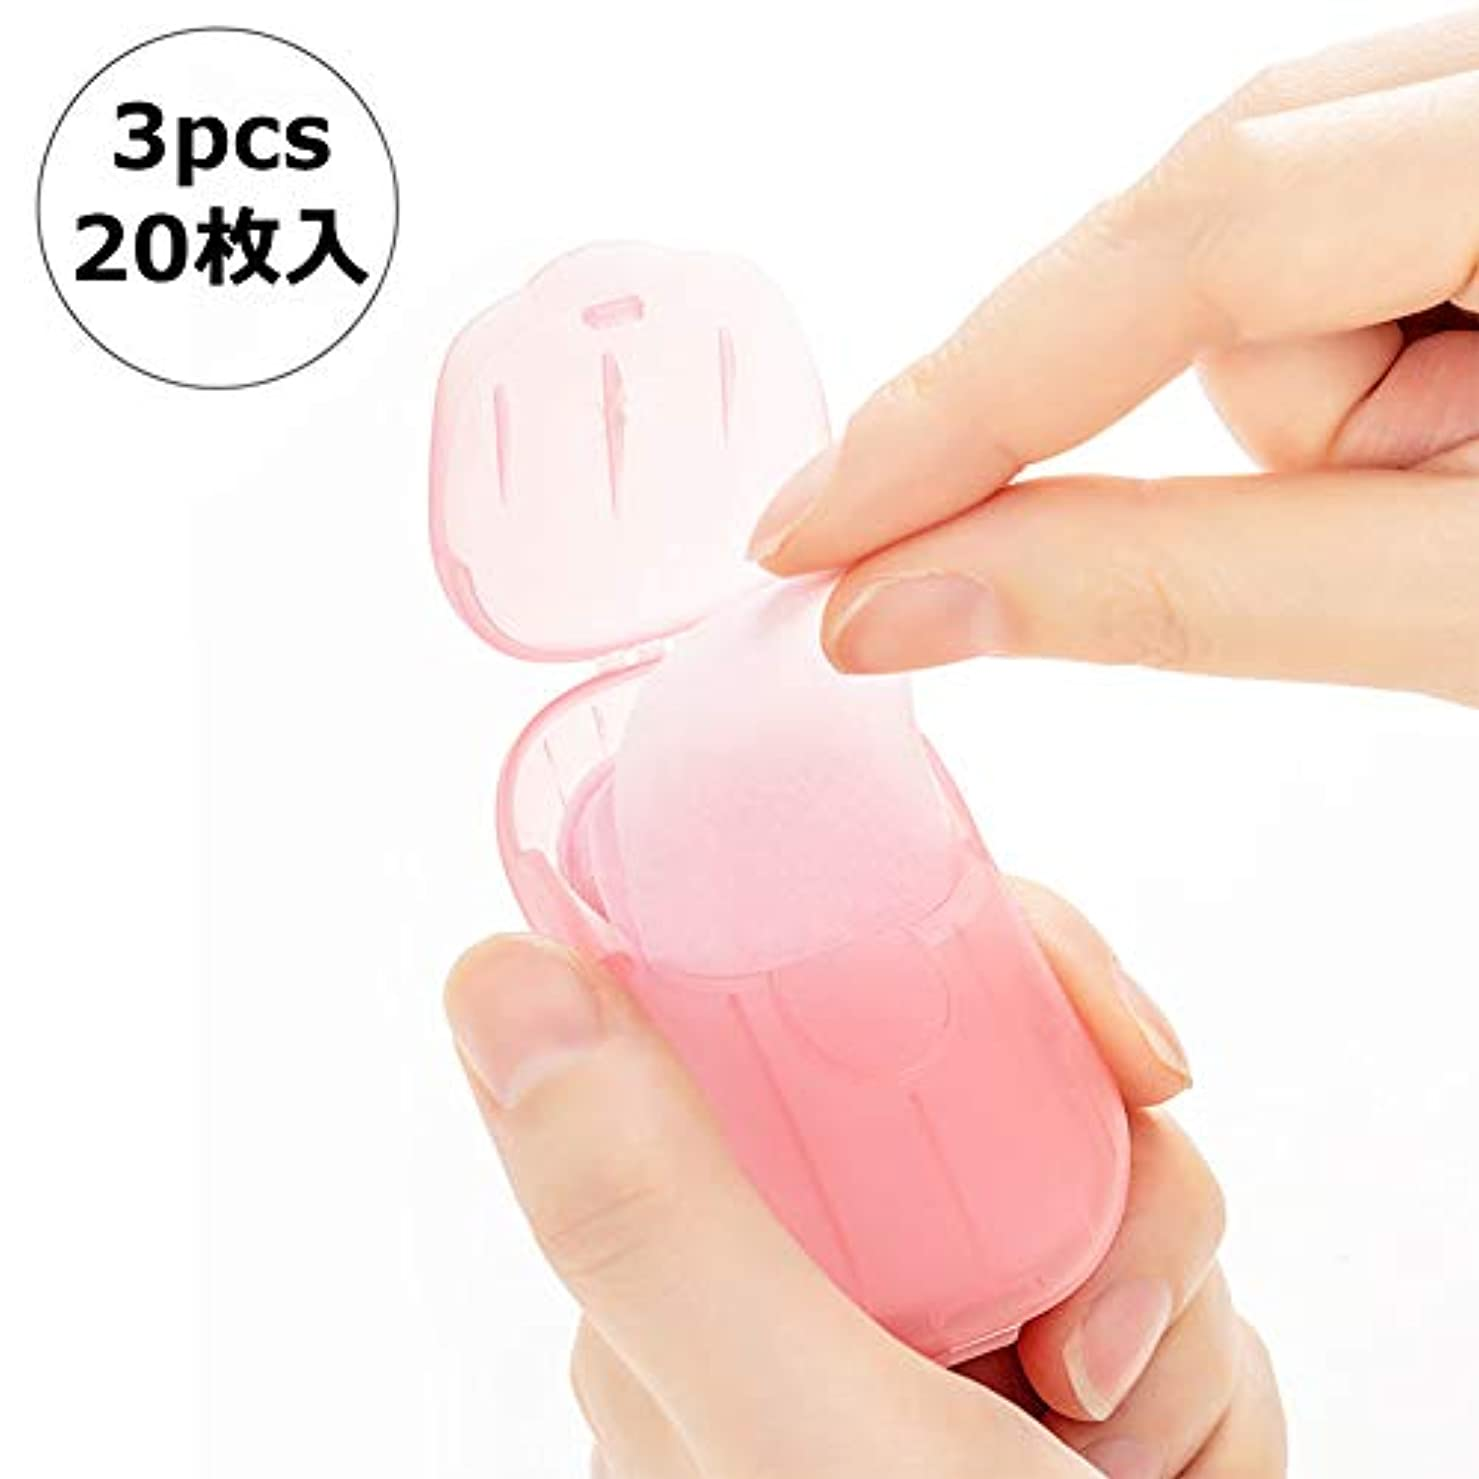 死すべき勇気グラフNITIUMI ペーパーソープ 除菌 香り 石鹸 手洗い/お風呂 旅行携帯用 紙せっけん 20枚入 ケース付き カラーランダム (3個セット)